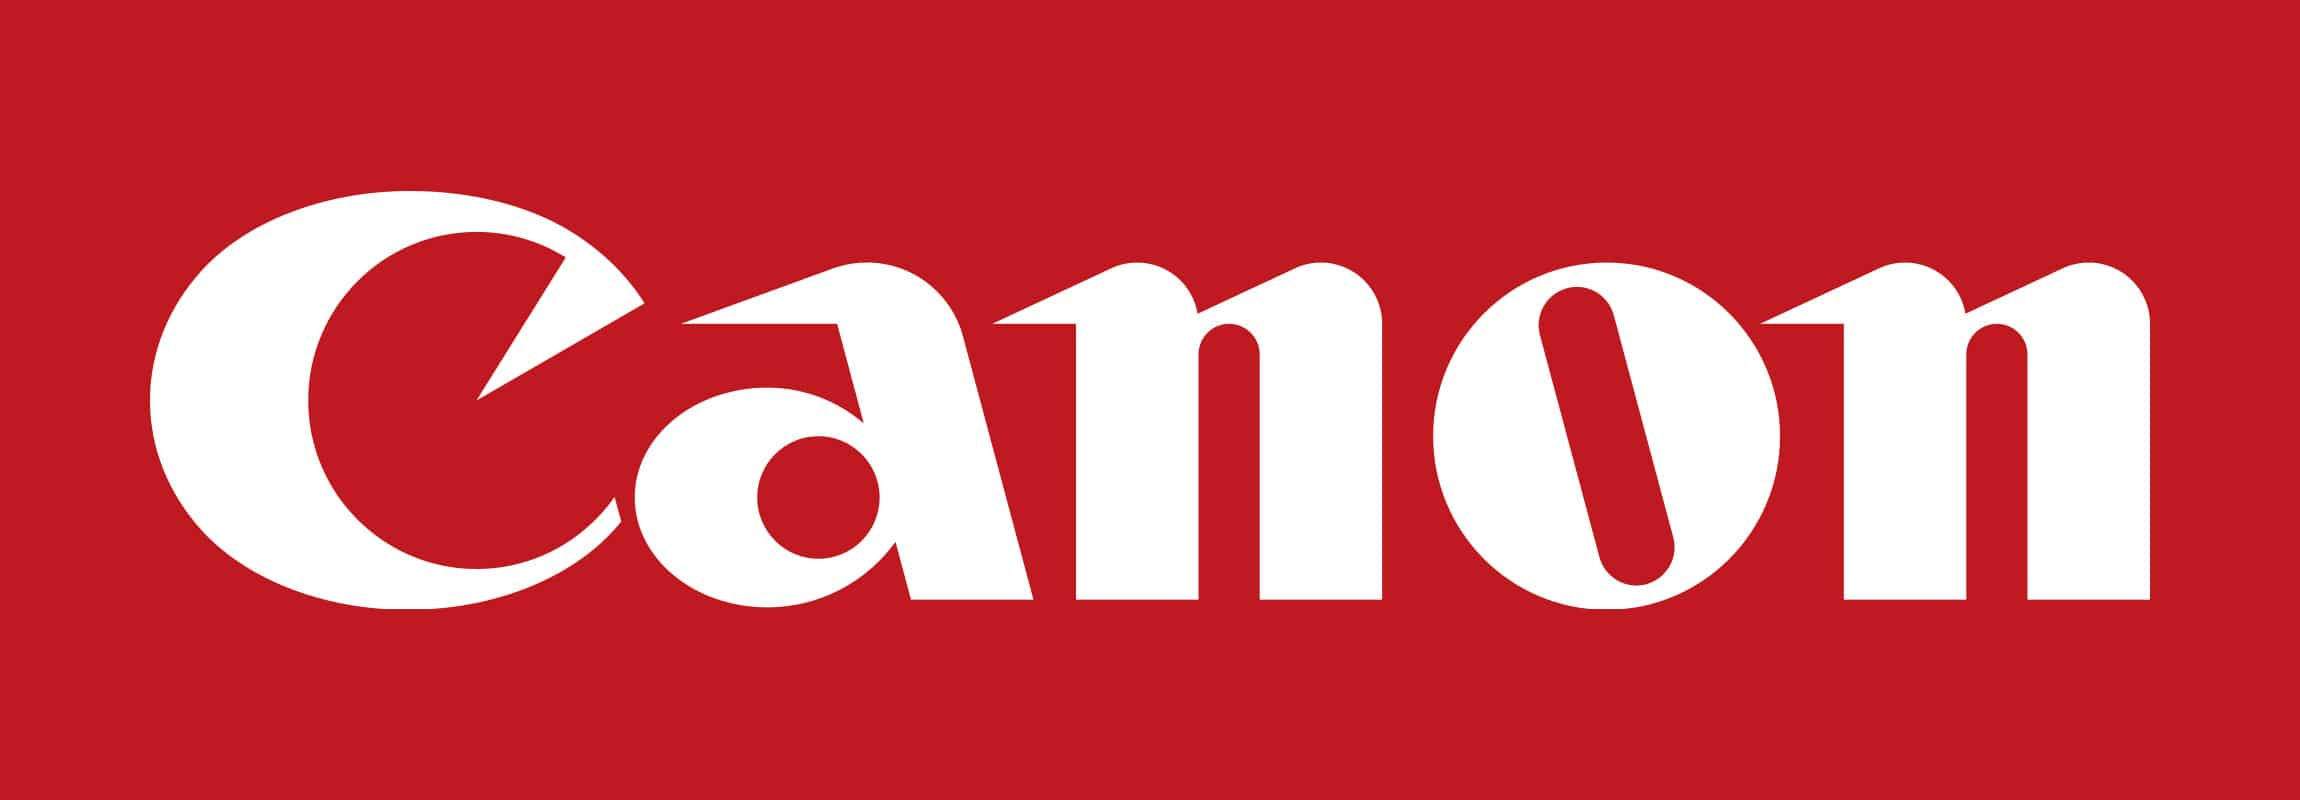 canon-symbol